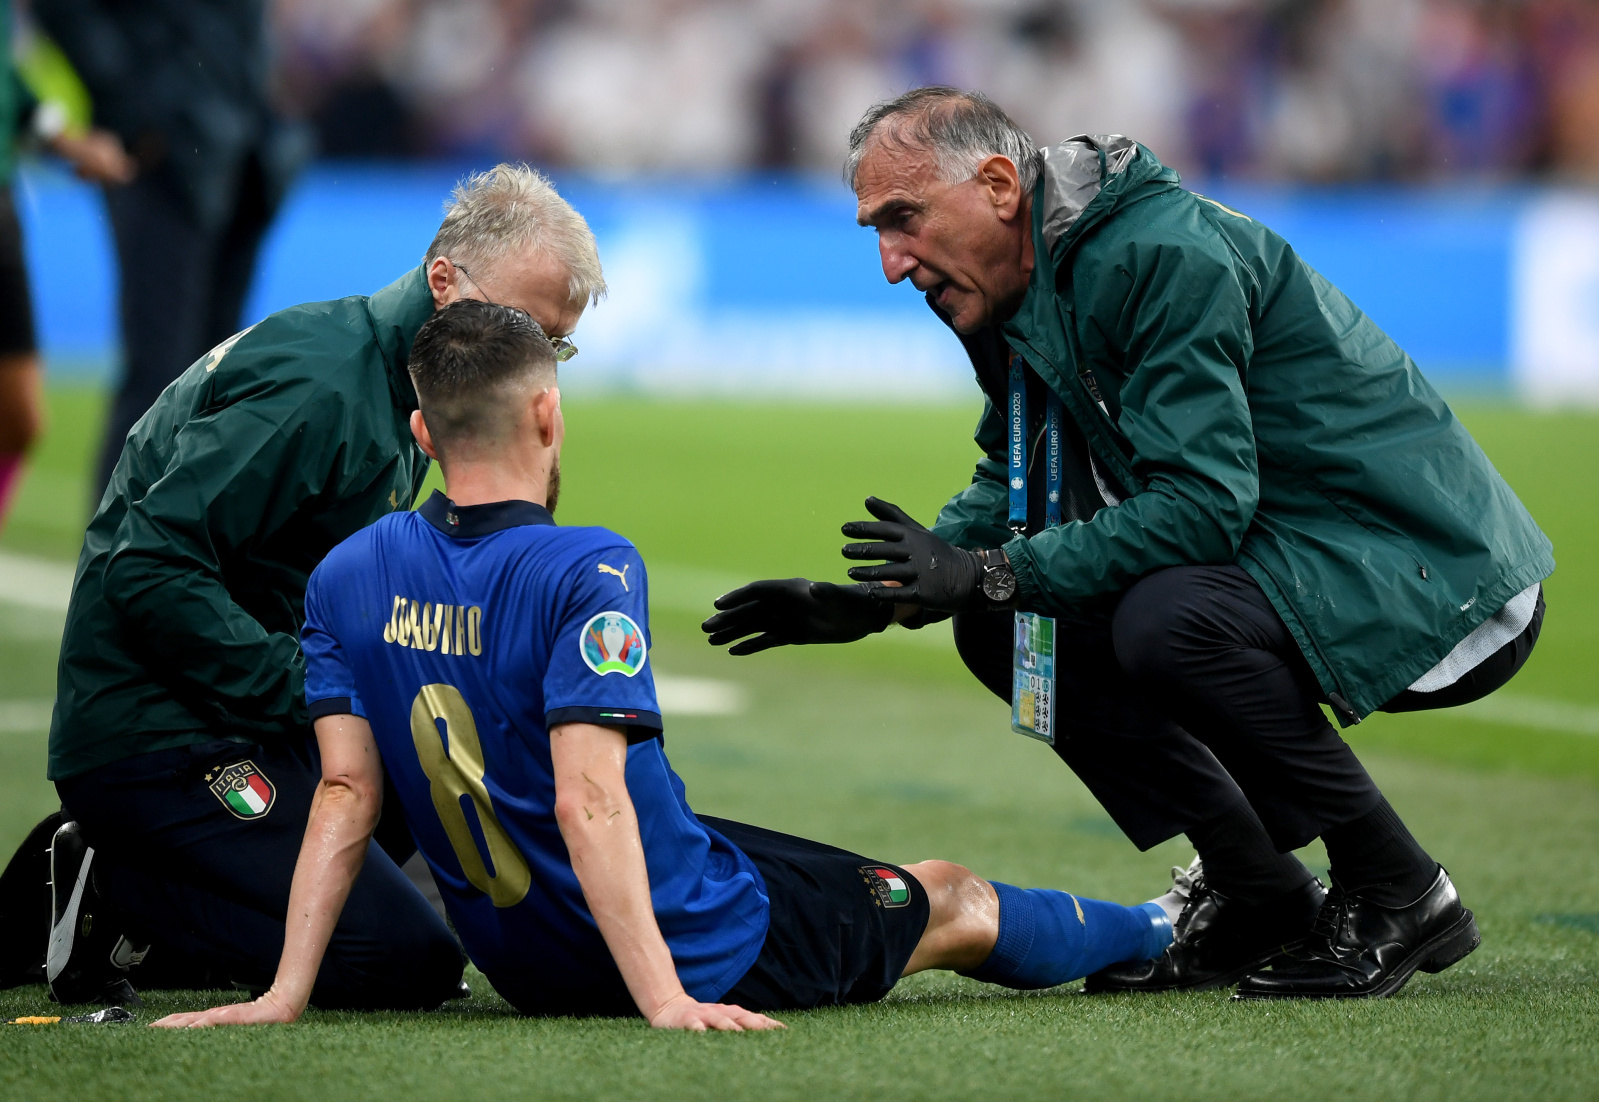 Accidentarea lui Jorginho. Sursa: Uefa.com